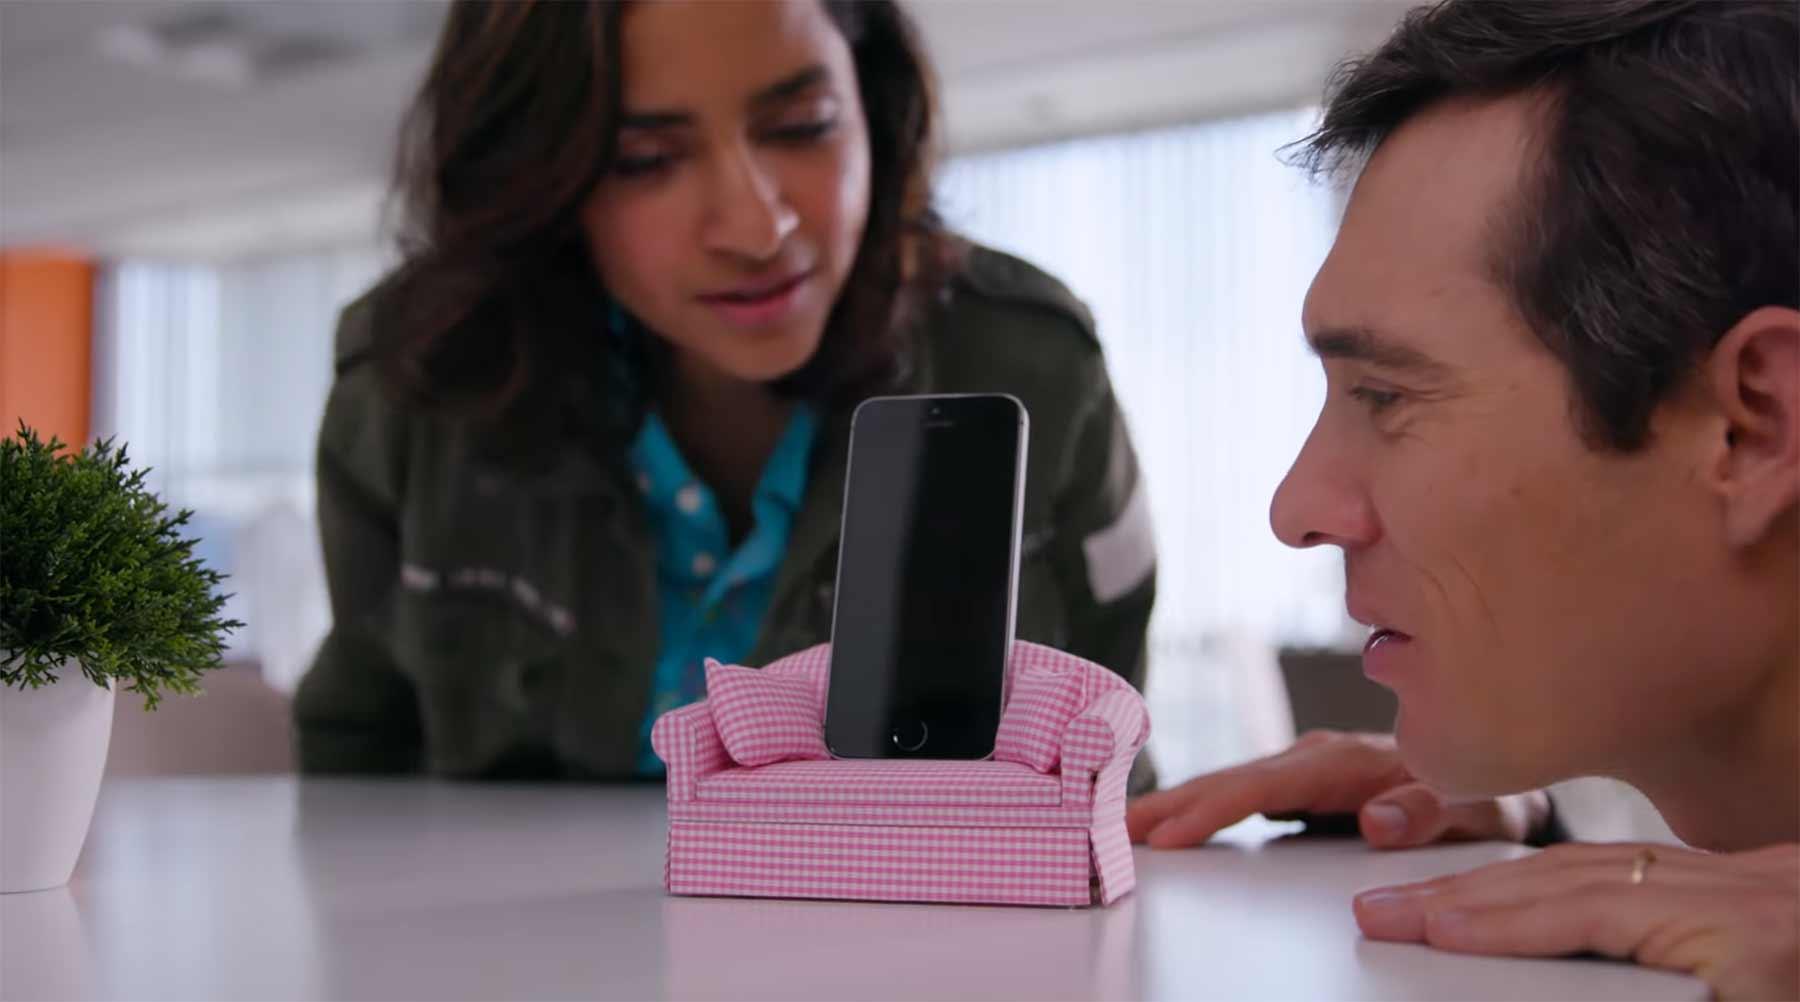 Smartphone ohne Hülle – Irrsinn oder sinnvoll?